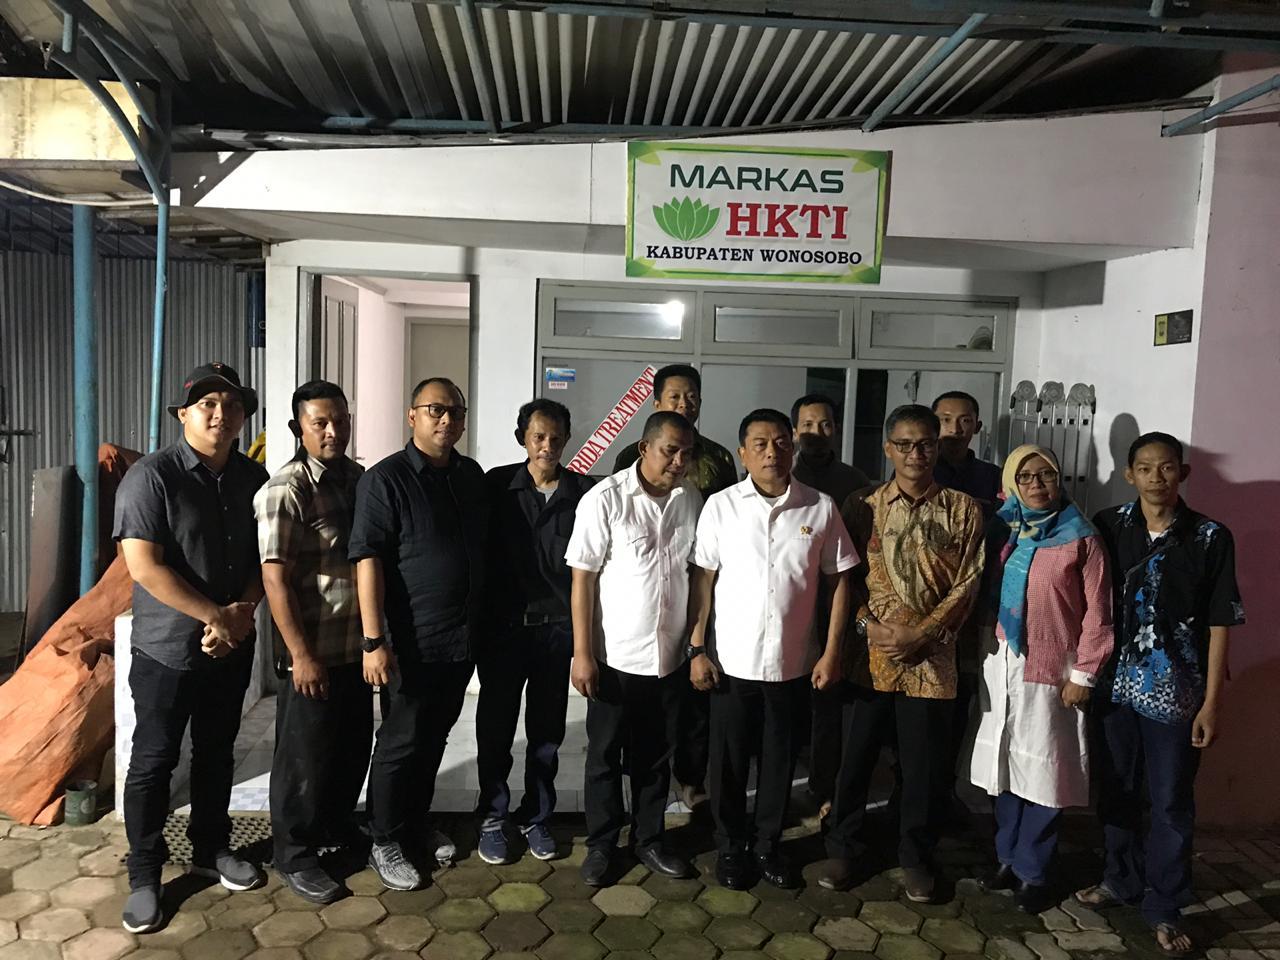 Markas HKTI Wonosobo Dikunjungi Jendral Purnawirawan Moeldoko